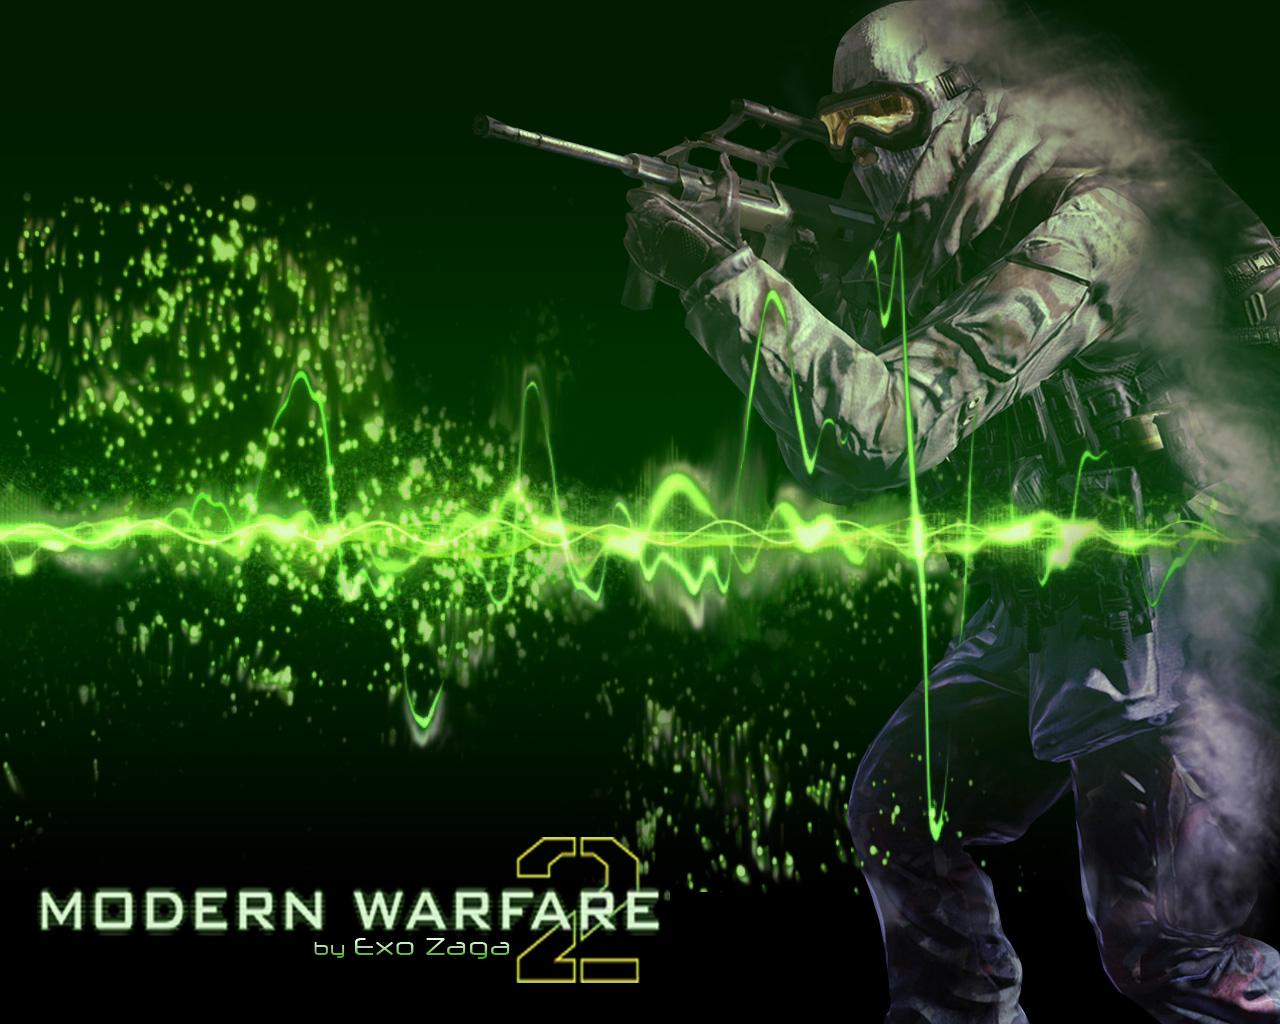 http://3.bp.blogspot.com/_XzA0YOKz6hI/S-KODN82LTI/AAAAAAAAAAc/_2ReDqYplLs/s1600/Modern_Warfare_2_Wallpaper_by_ExoZaga.jpg